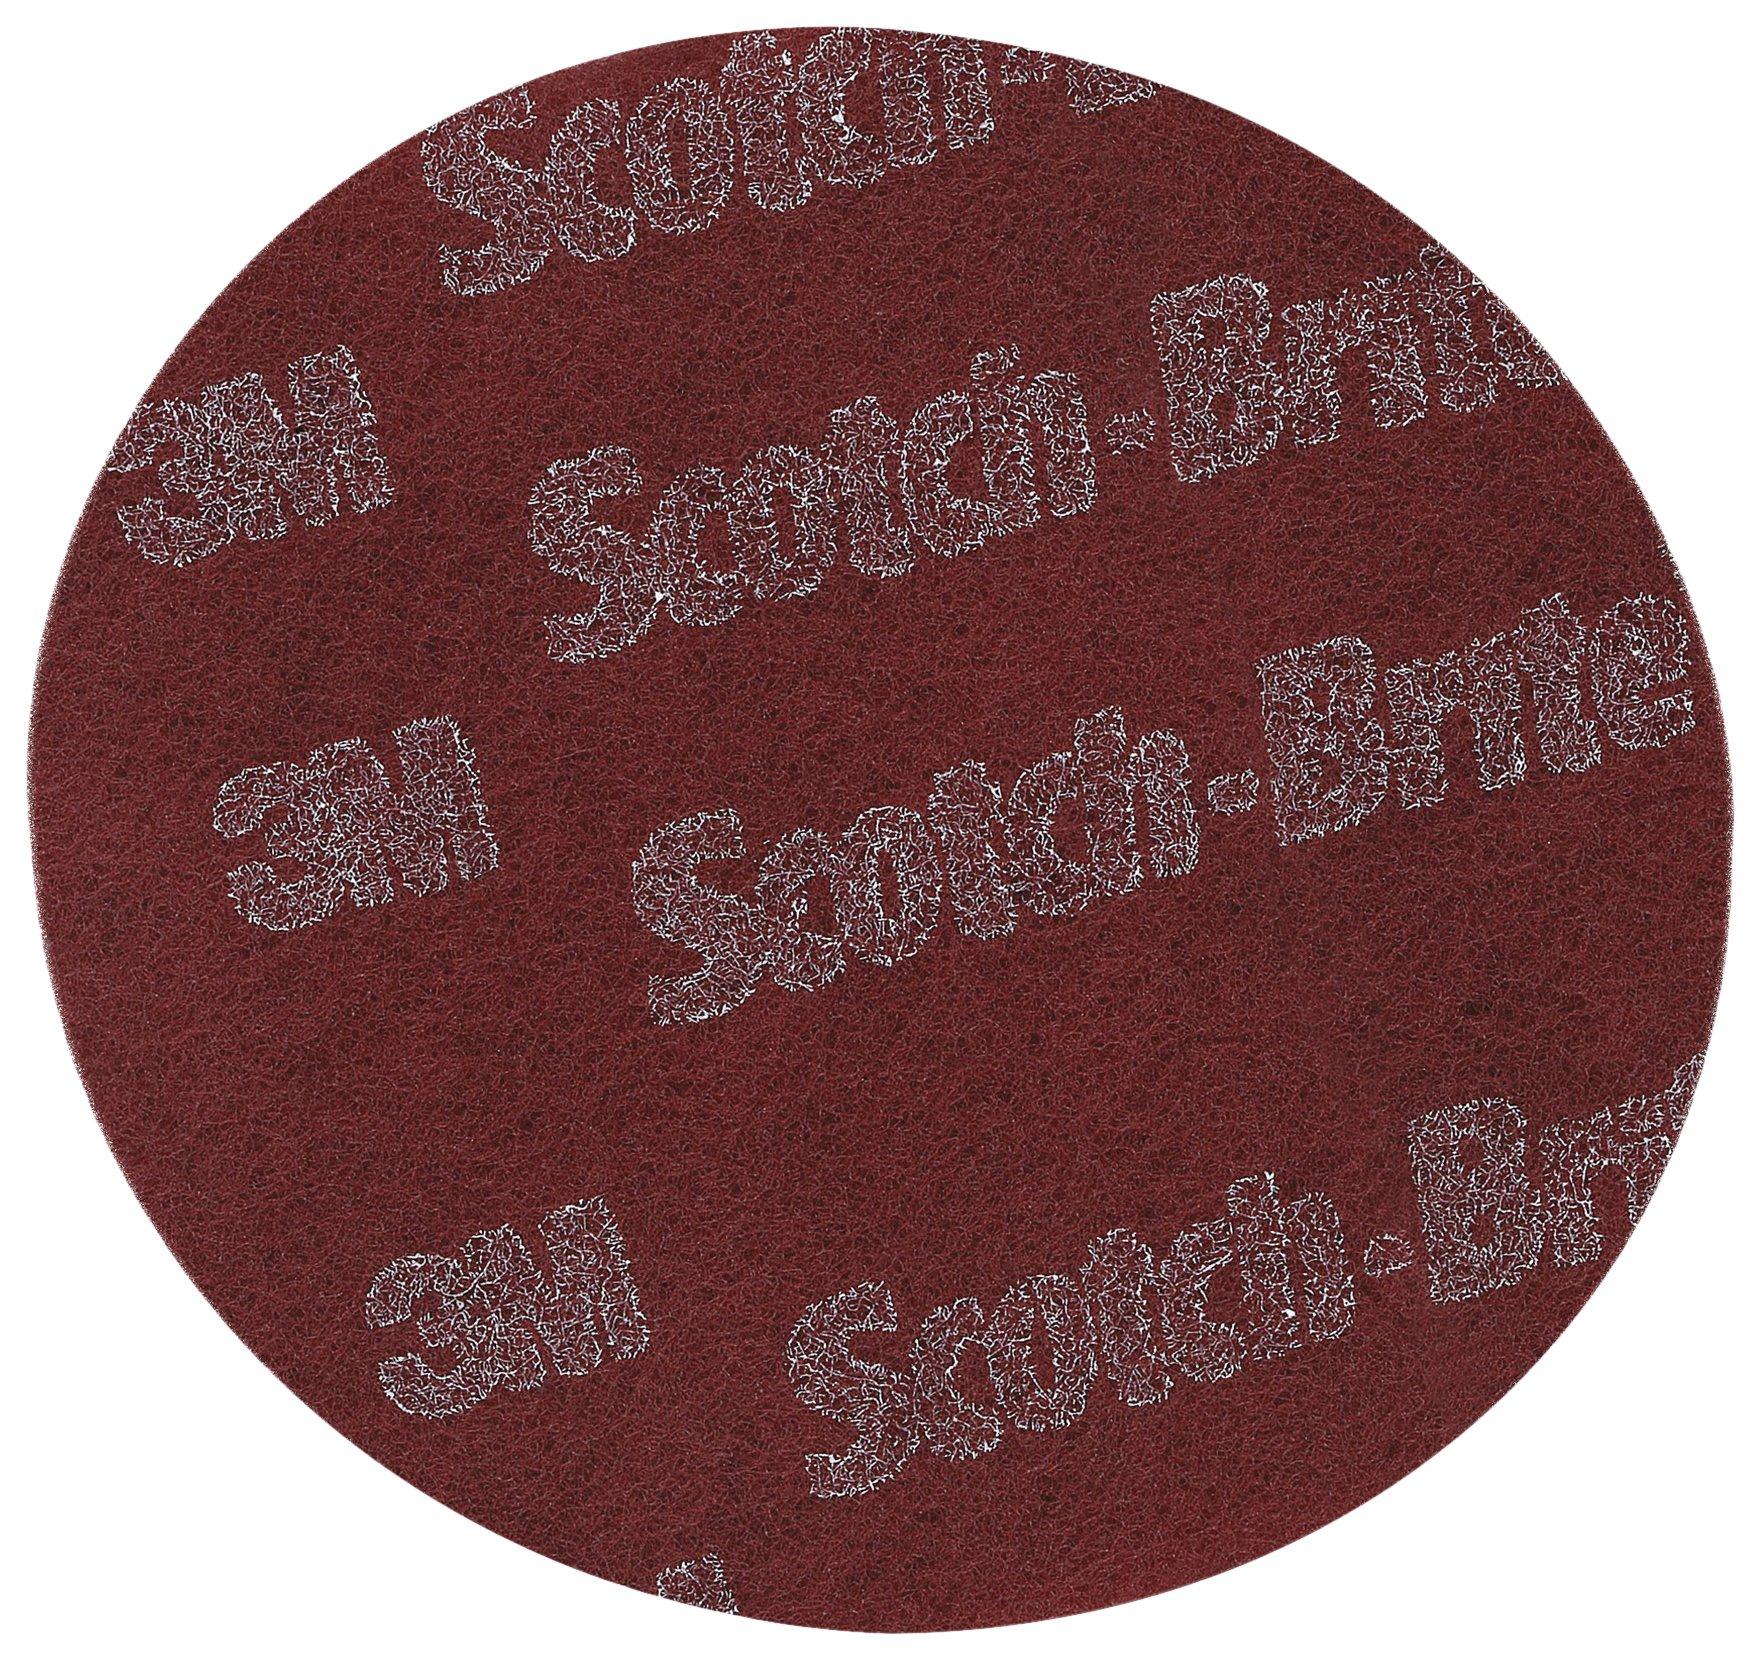 Scotch-Brite 7447 PRO Disc, 5 in x NH A VFN, 100 per case (Pack of 100)